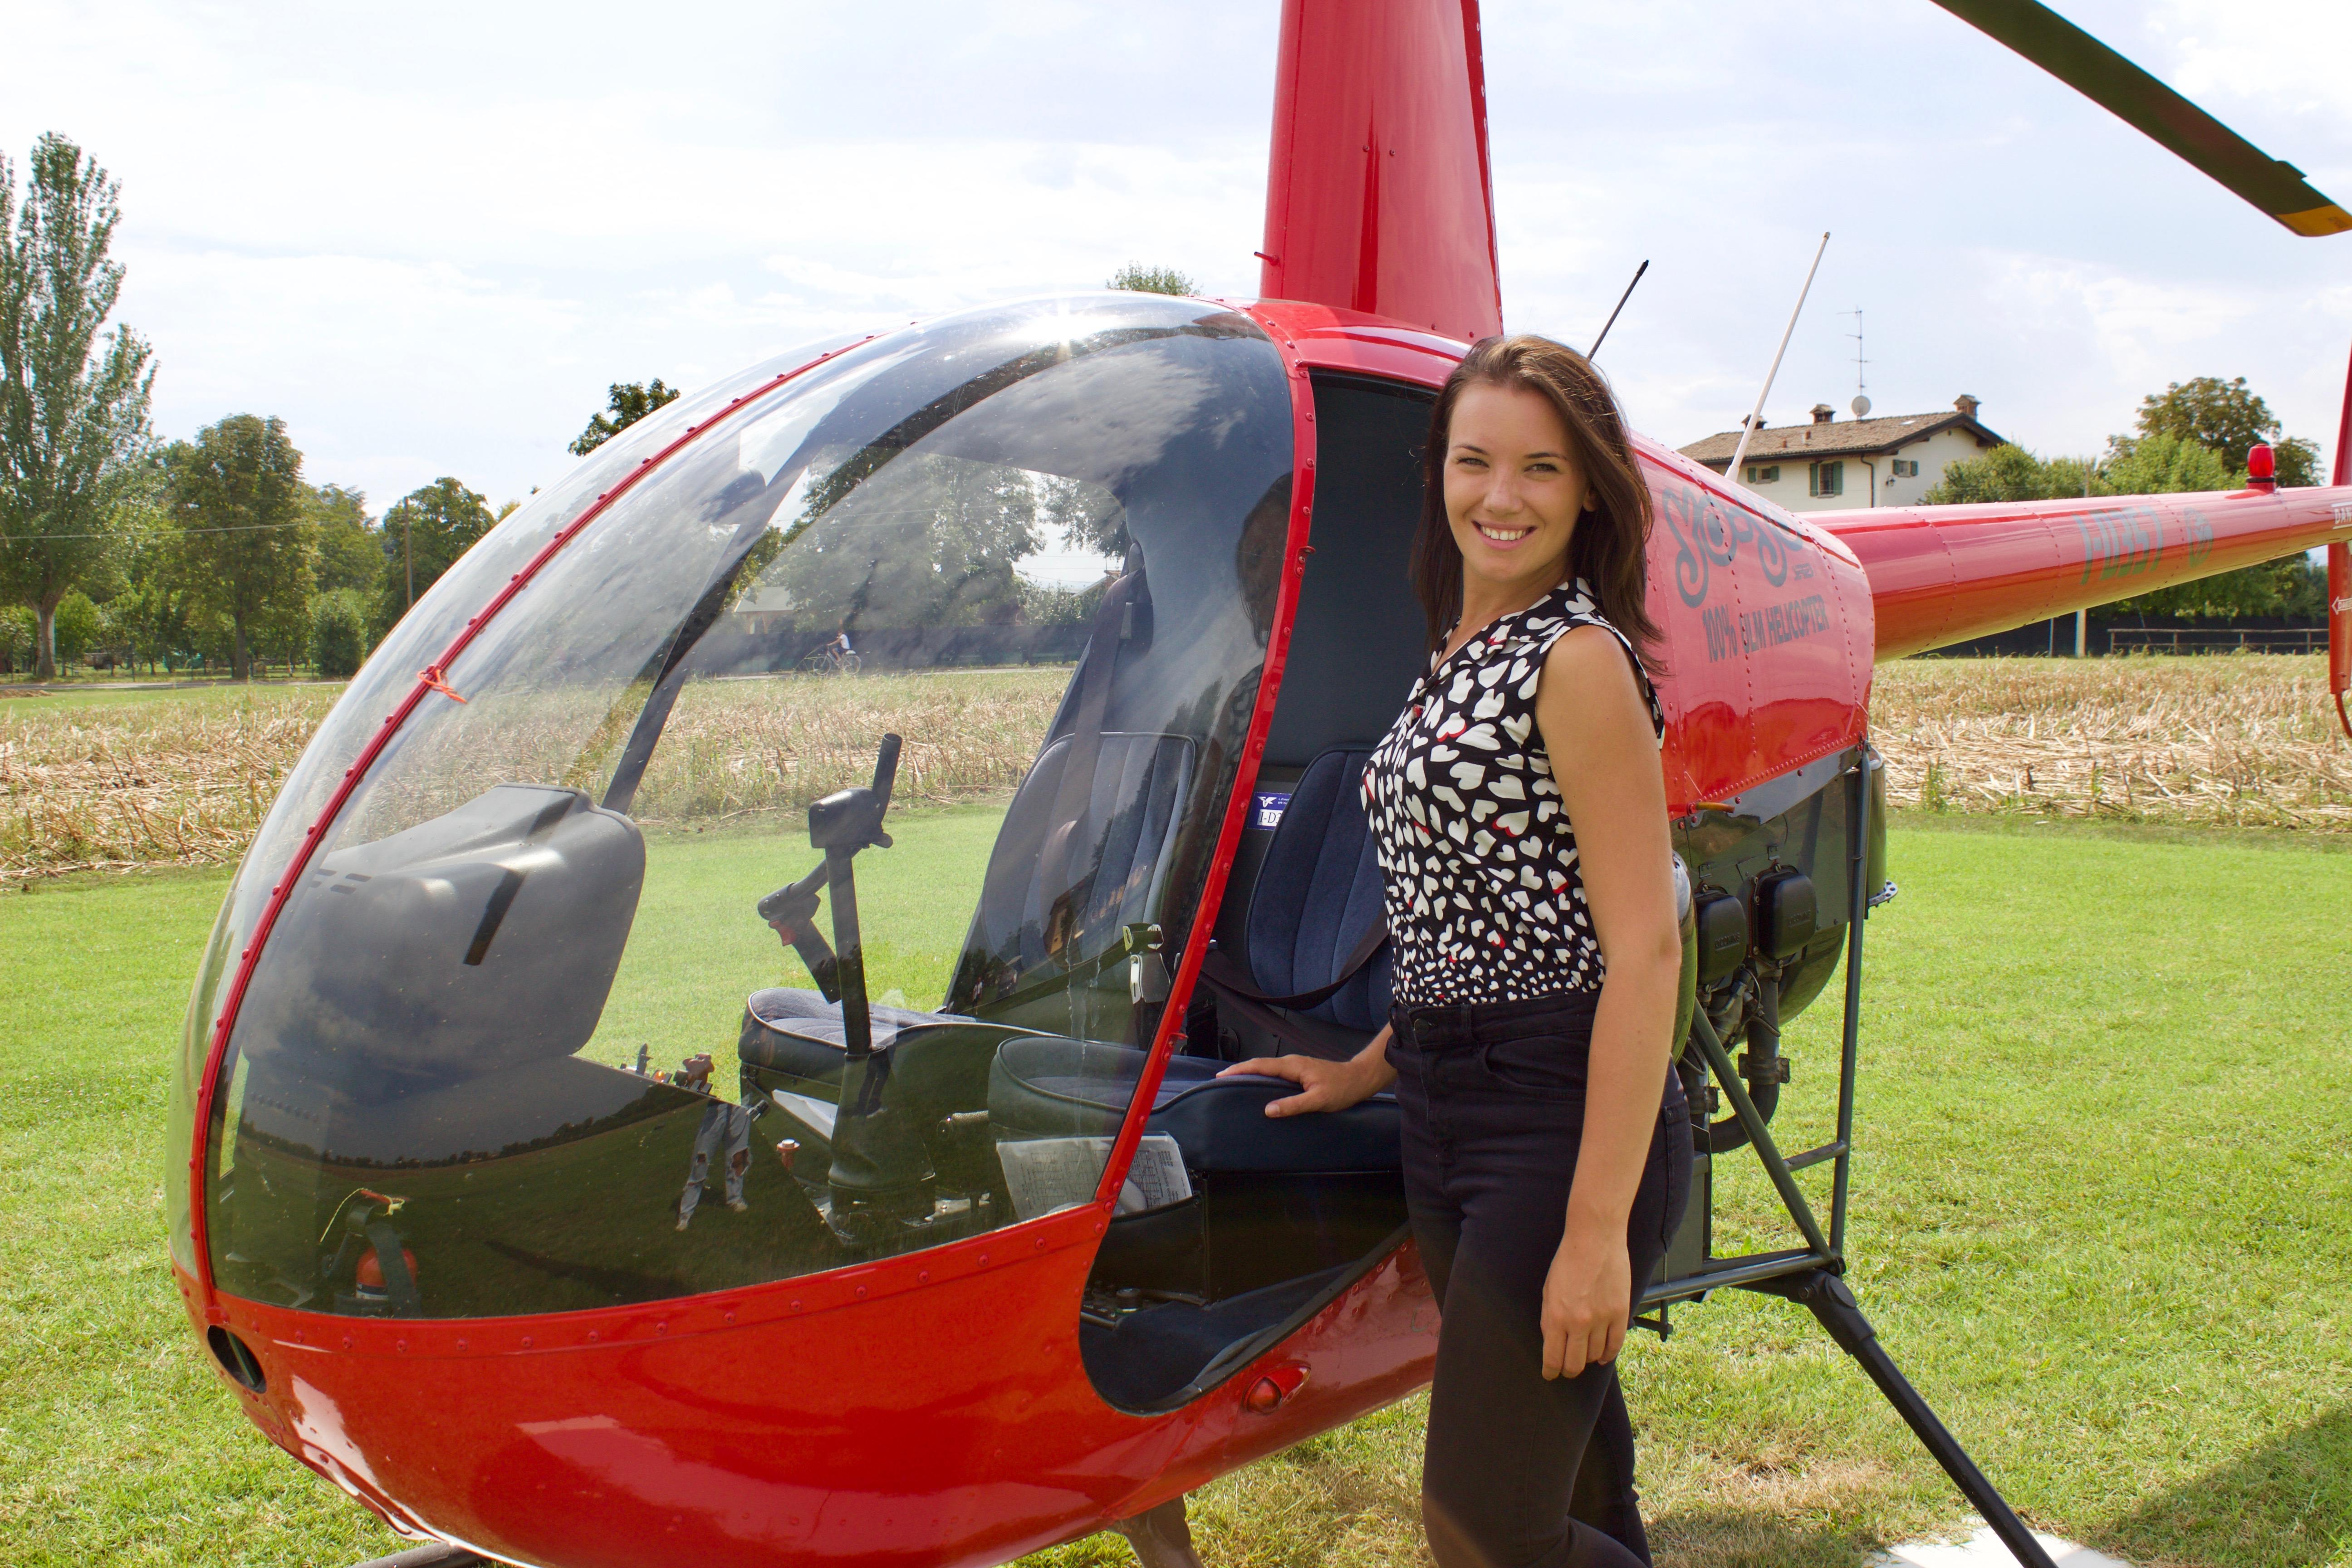 Ca' del Rio - tour in elicottero a Modena